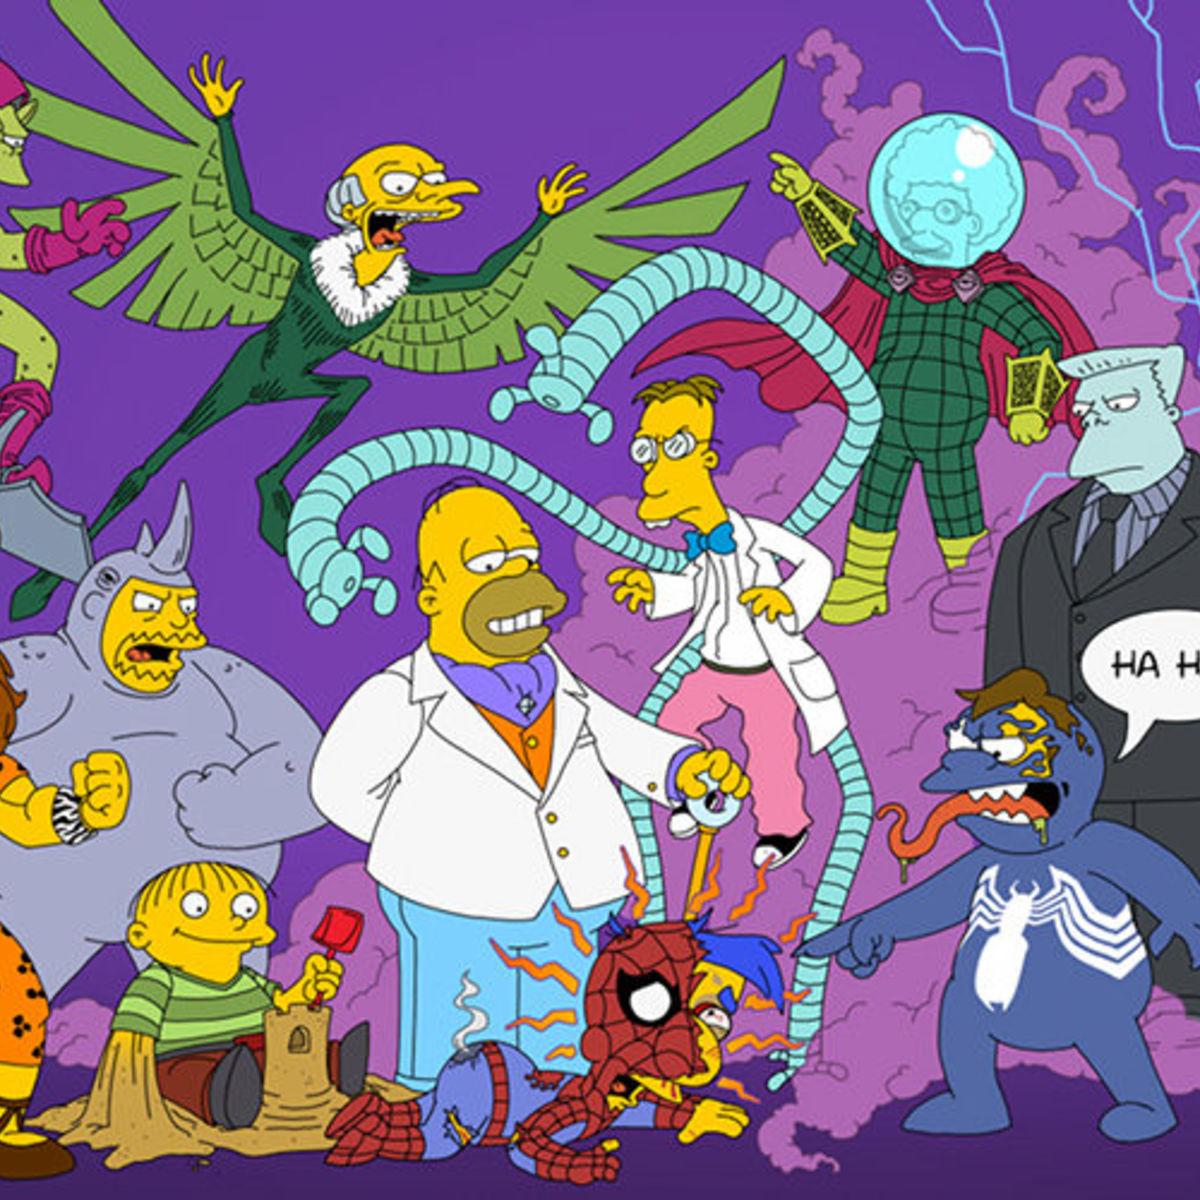 simpsons-spider-man-mashup-large.jpg